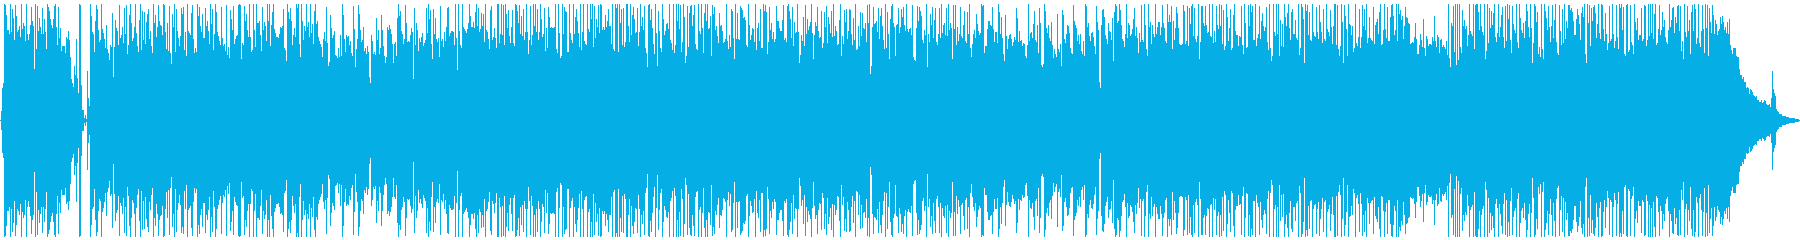 切ない雰囲気のフュージョンの再生済みの波形